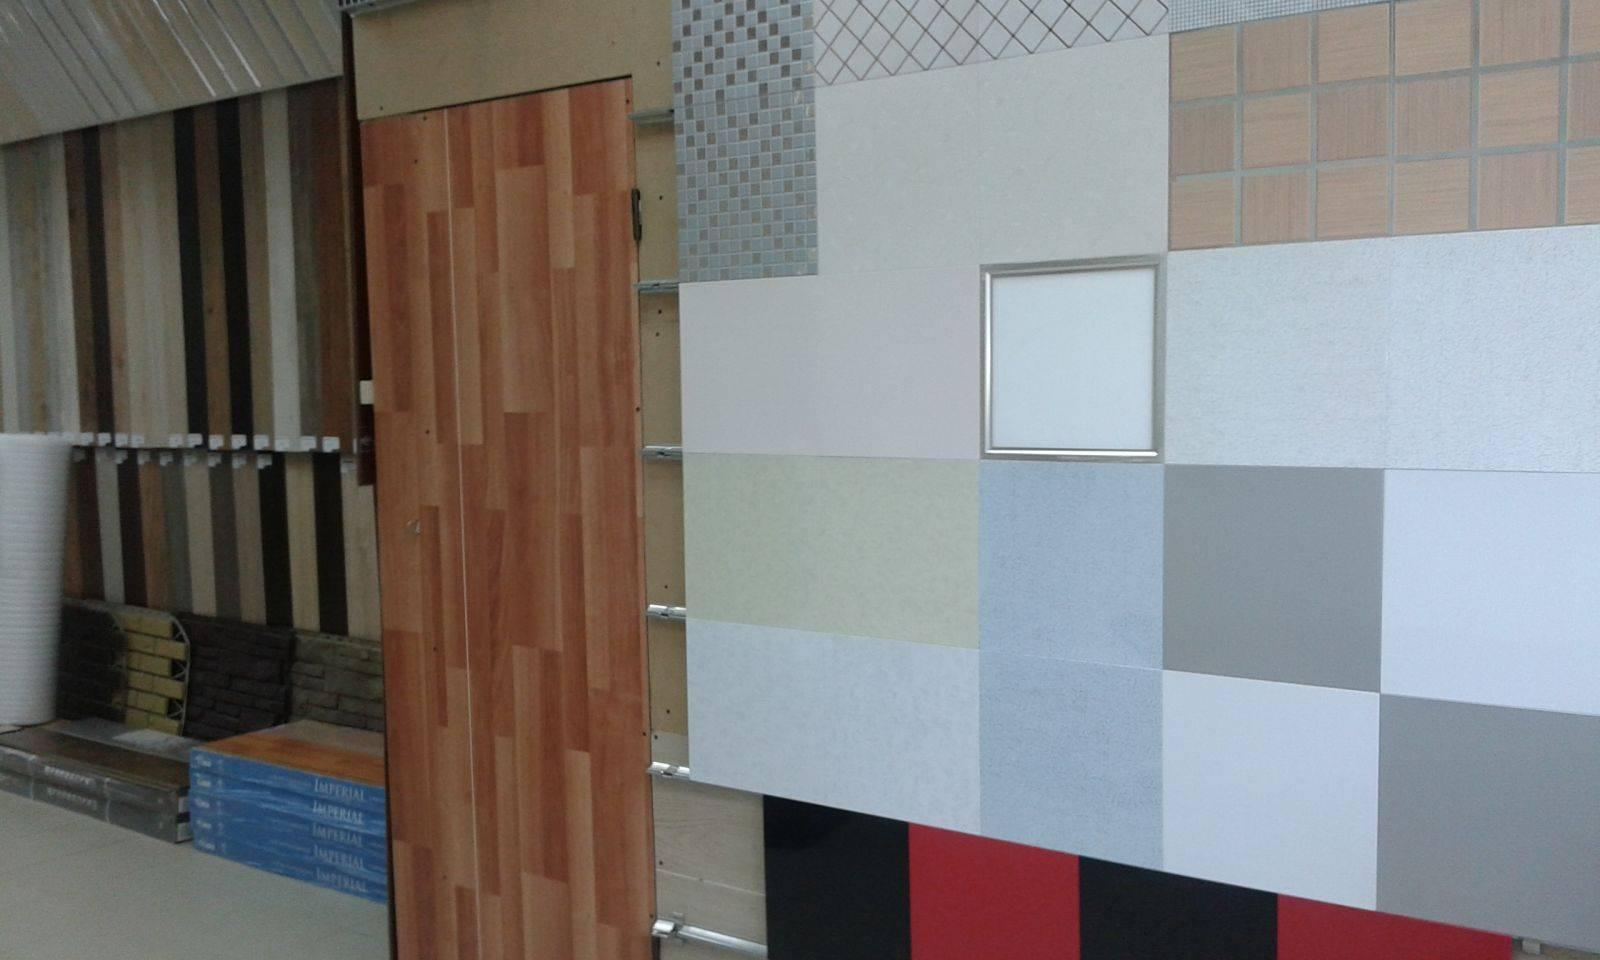 Декоративные панели для внутренней отделки стен - из мдф, дсп, двп, стекла, гипса, дерева